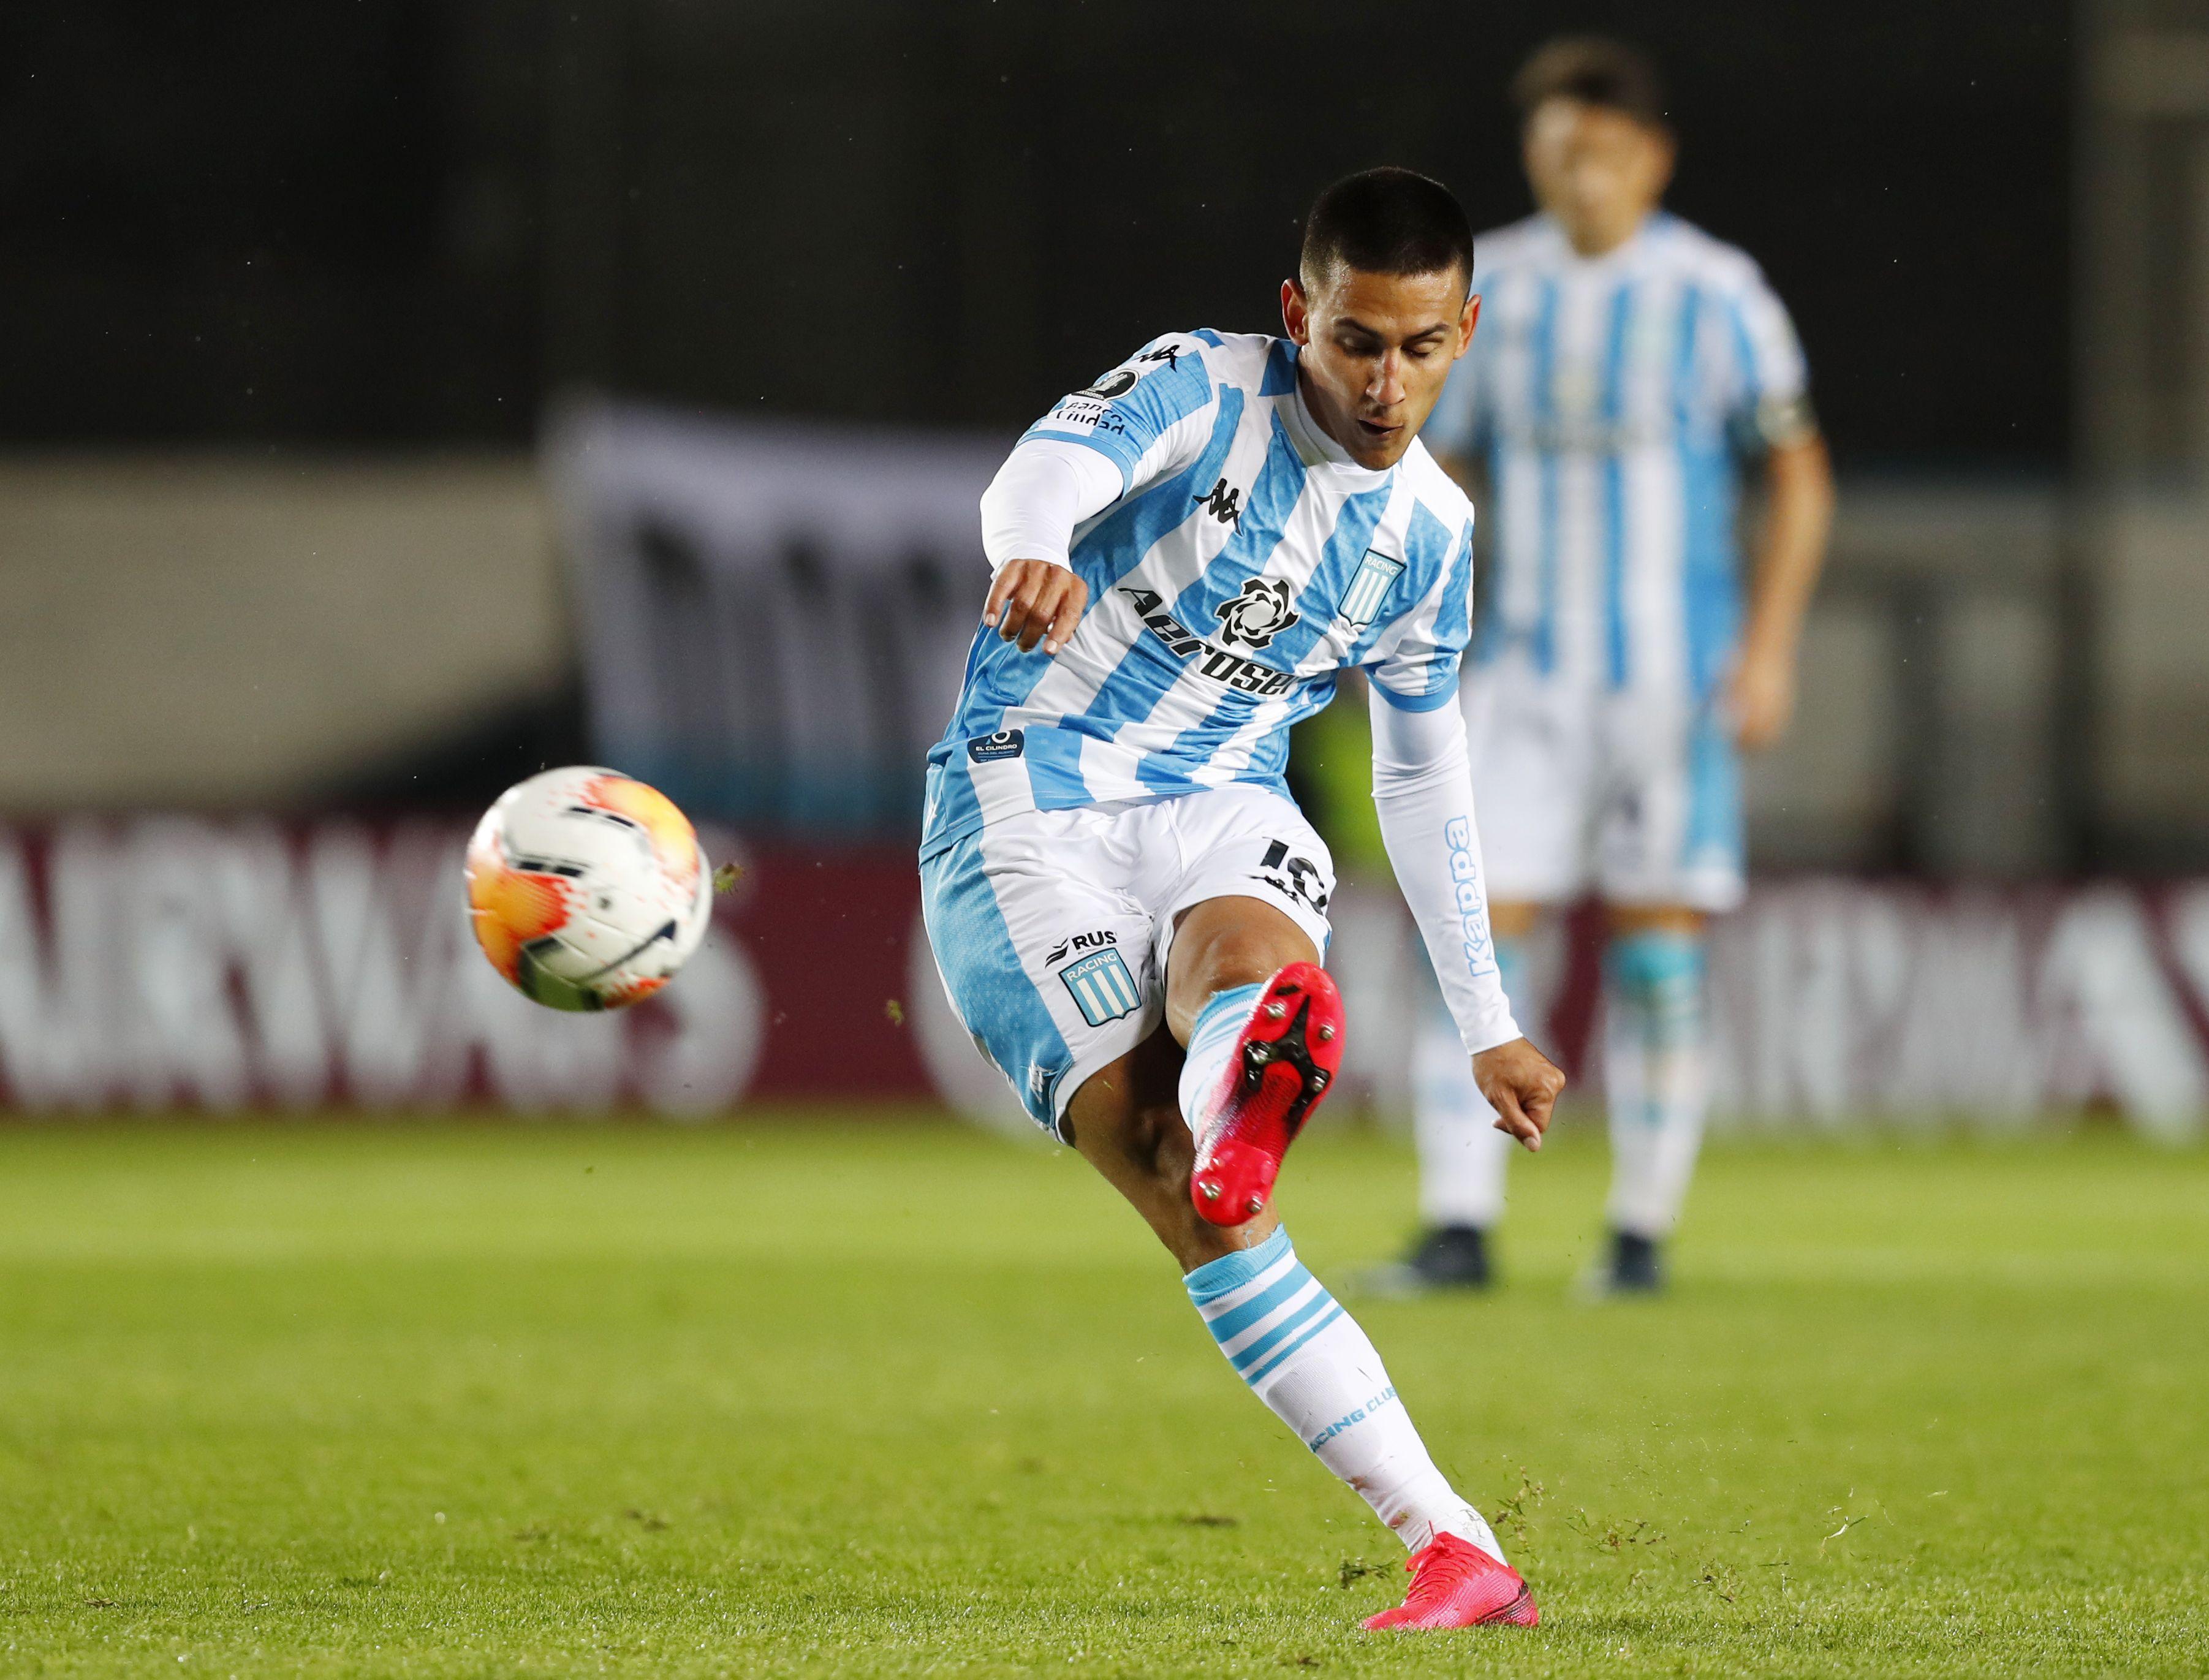 Matías Rojas antes de marcar un golazo frente a Estudiantes de Mérida en la Copa Libertadores. Foto Reuters/Agustin Marcarian